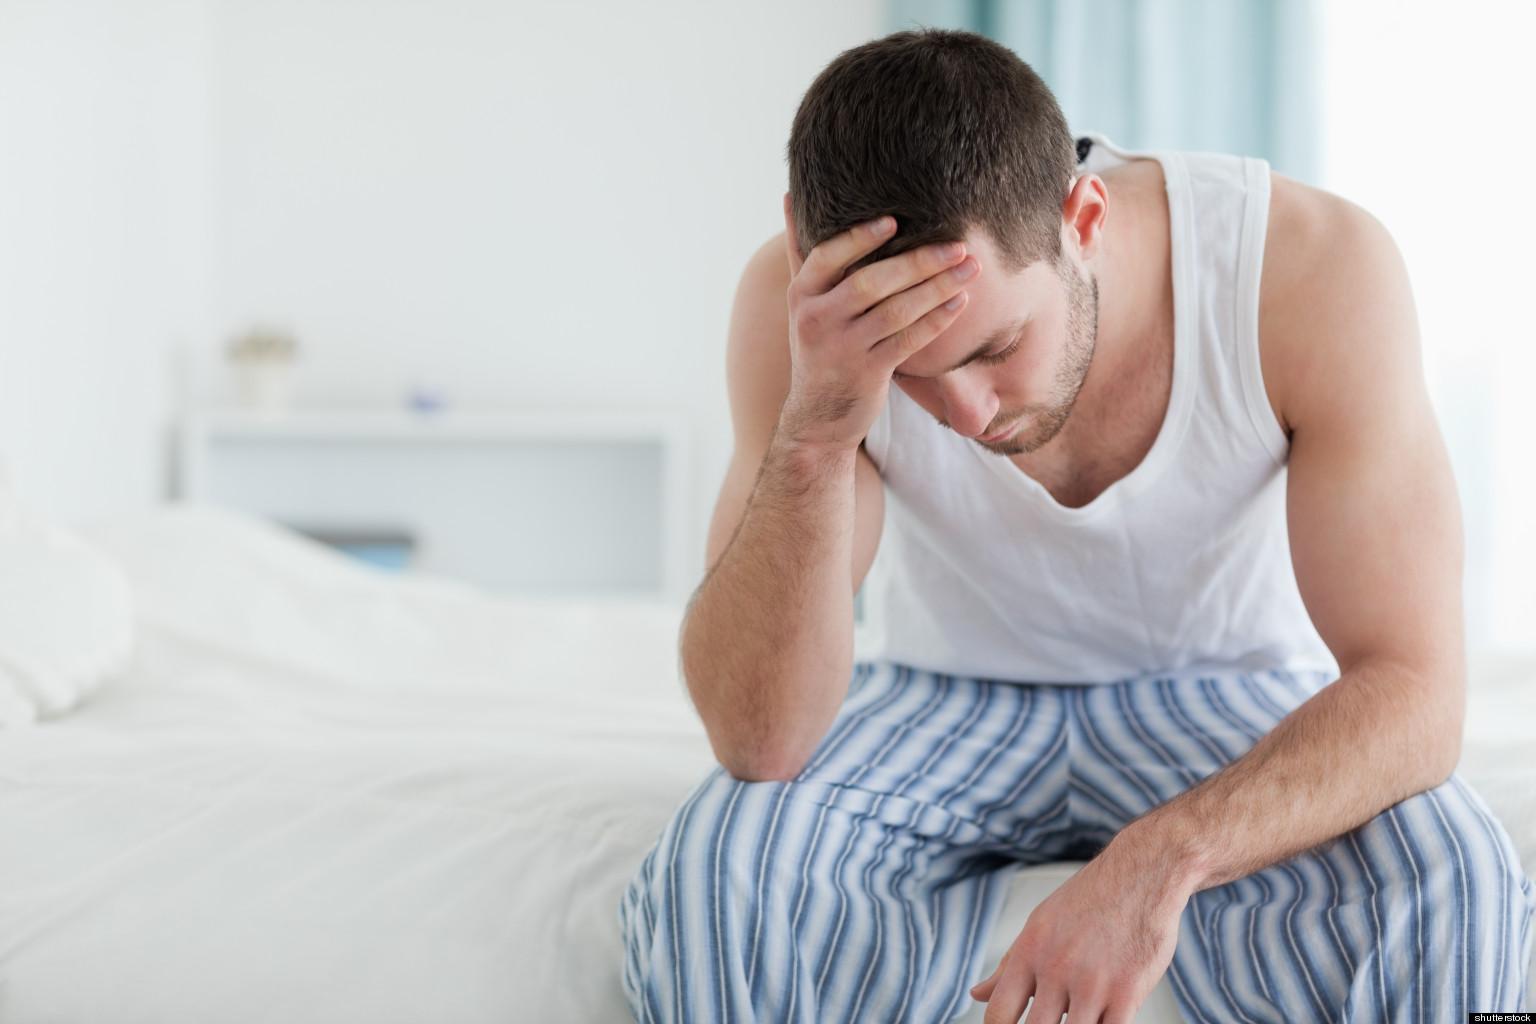 mit kell enni a csípőízület artrózisával